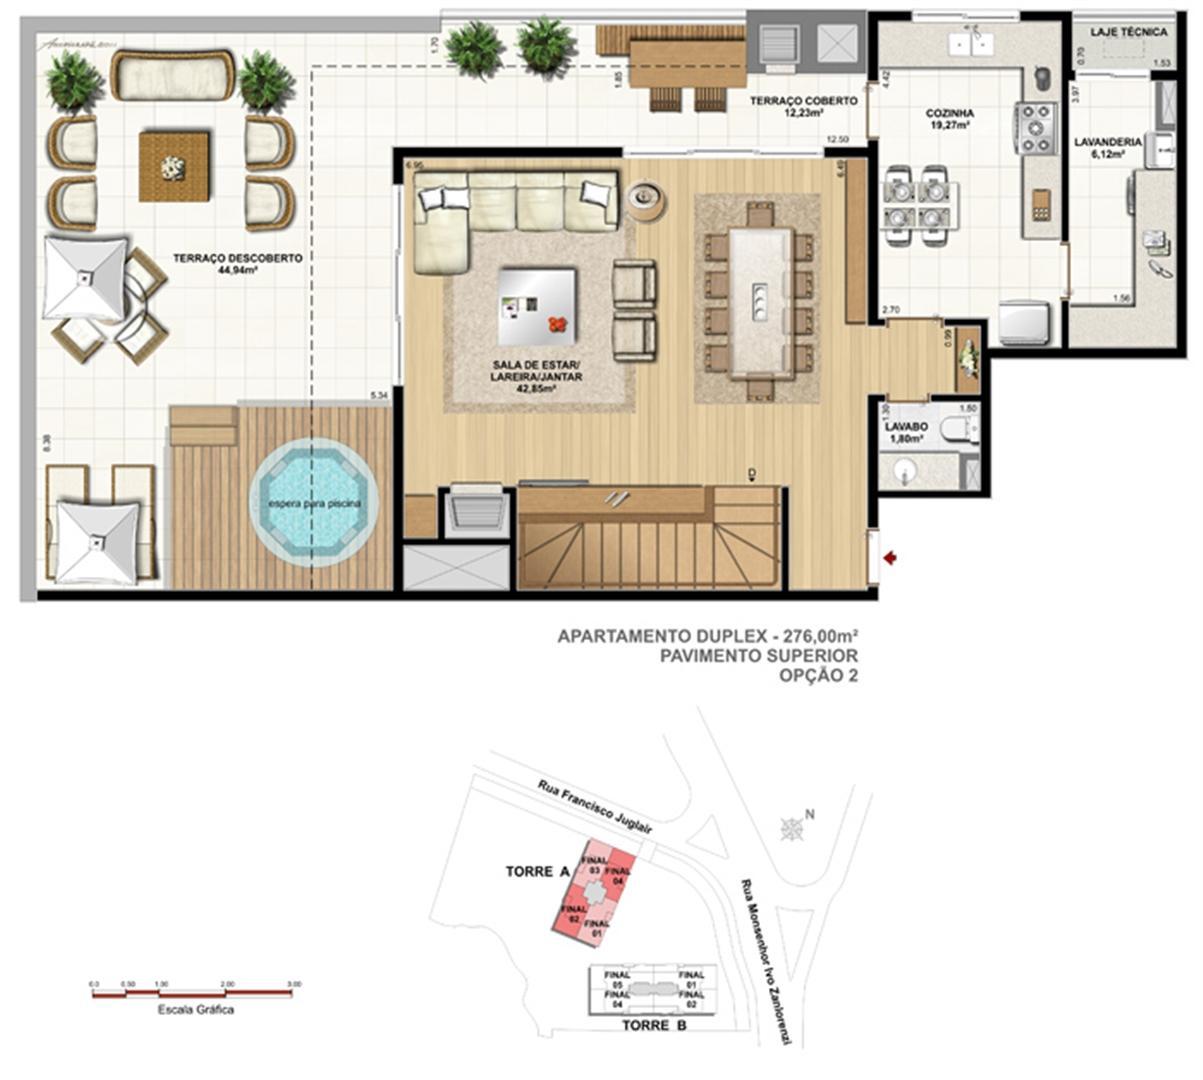 Torre 1 - 2 dormitórios com 2 suítes - Cobertura inferior - Tipo opção 2 | Reserva Juglair Ecoville – Apartamento no  Ecoville - Curitiba - Paraná